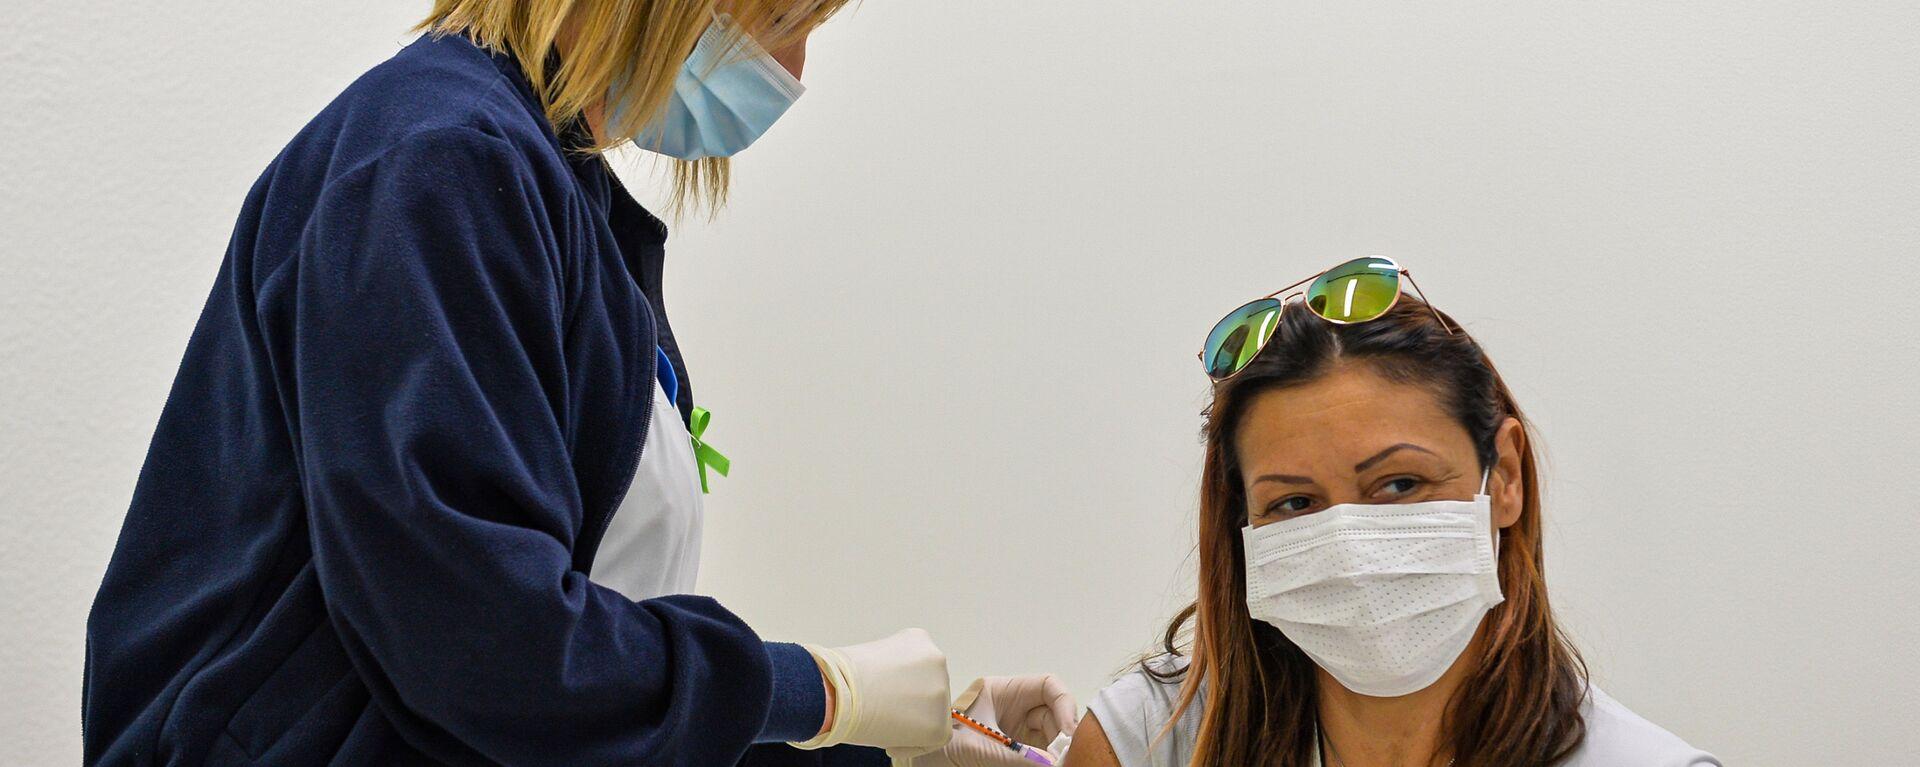 В Сан-Марино открылся прививочный туризм для желающих вакцинироваться Спутником V - Sputnik Latvija, 1920, 19.05.2021